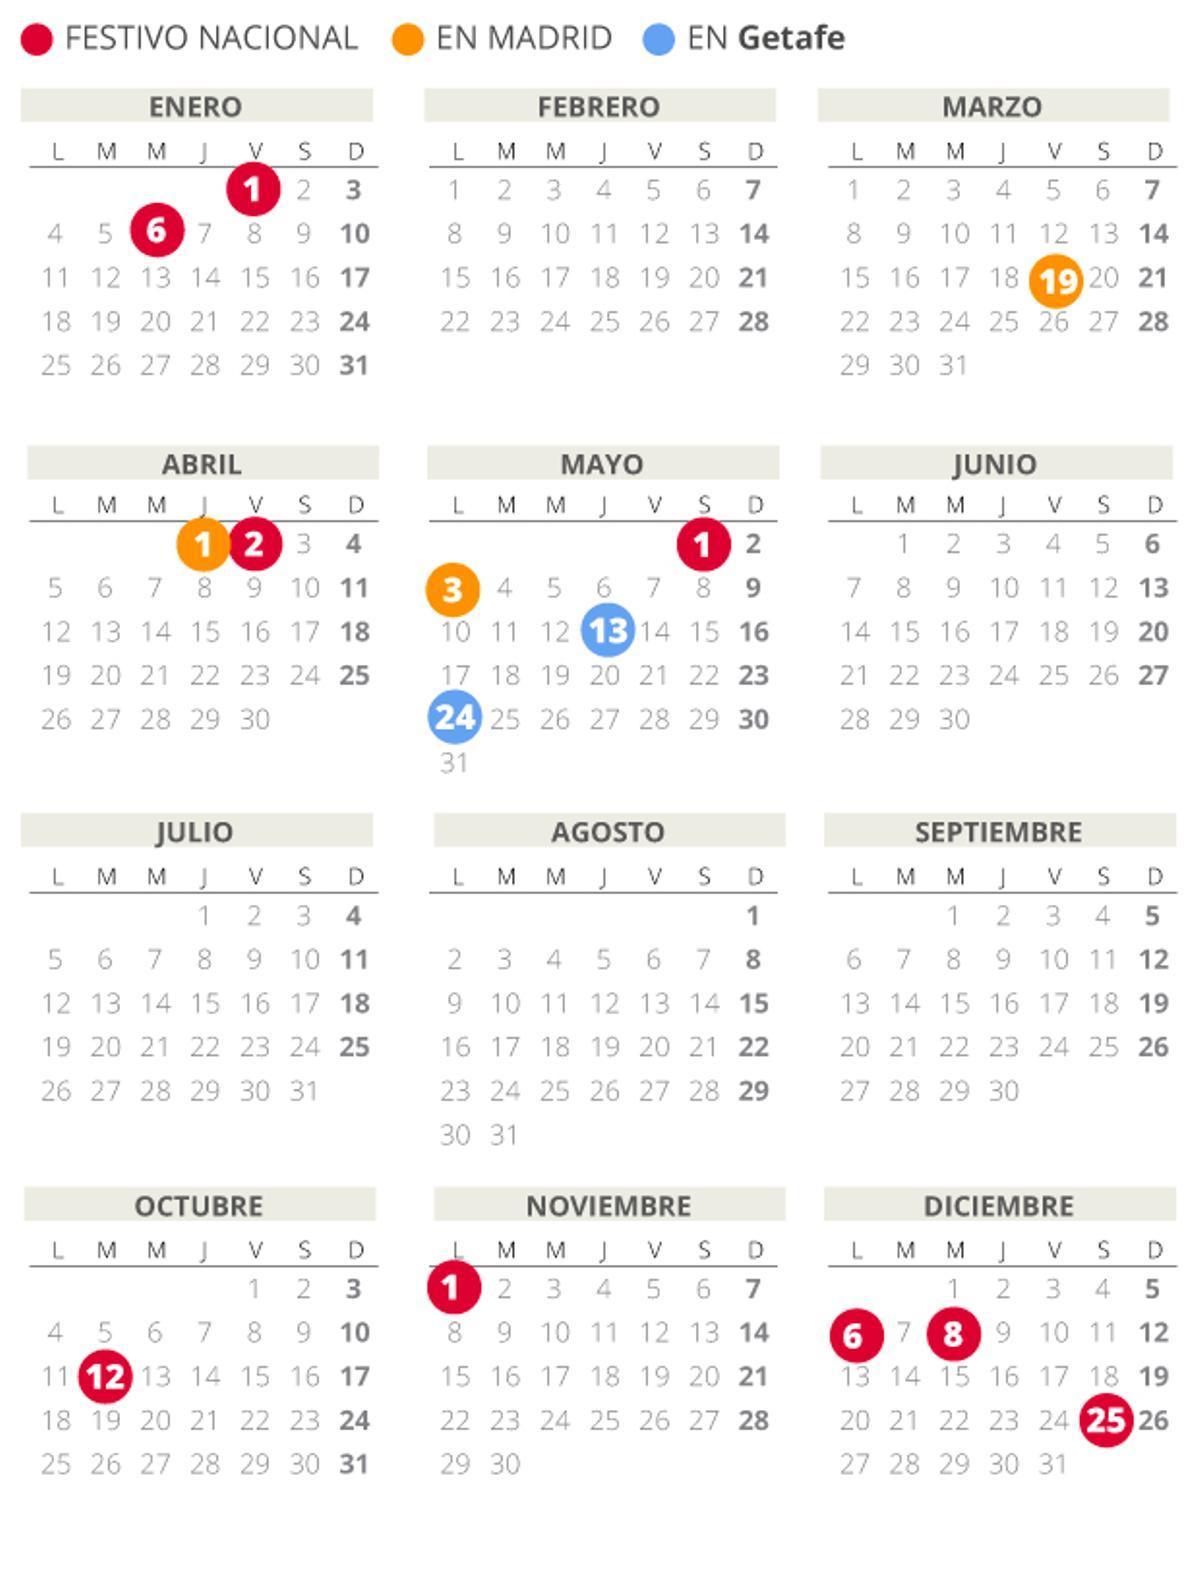 Calendario laboral de Getafe del 2021.